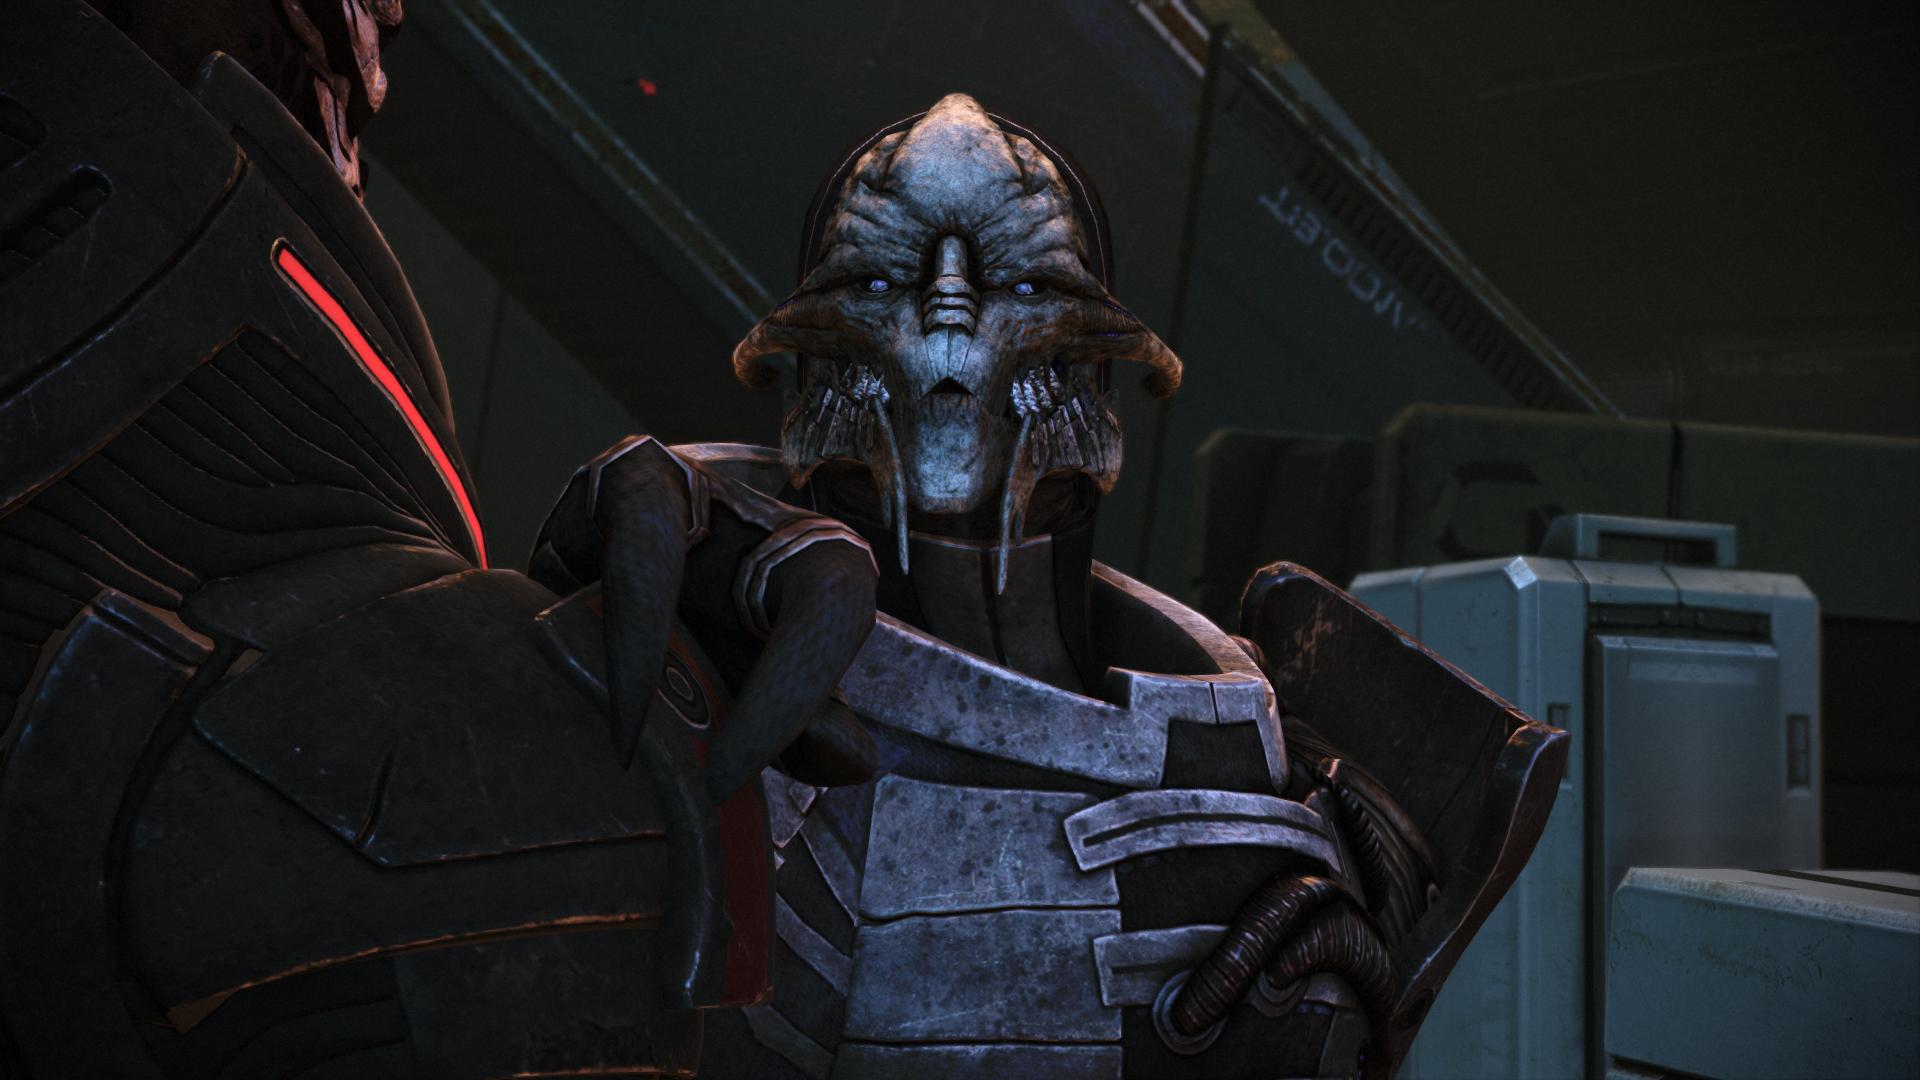 saren - Mass Effect Legendary Edition